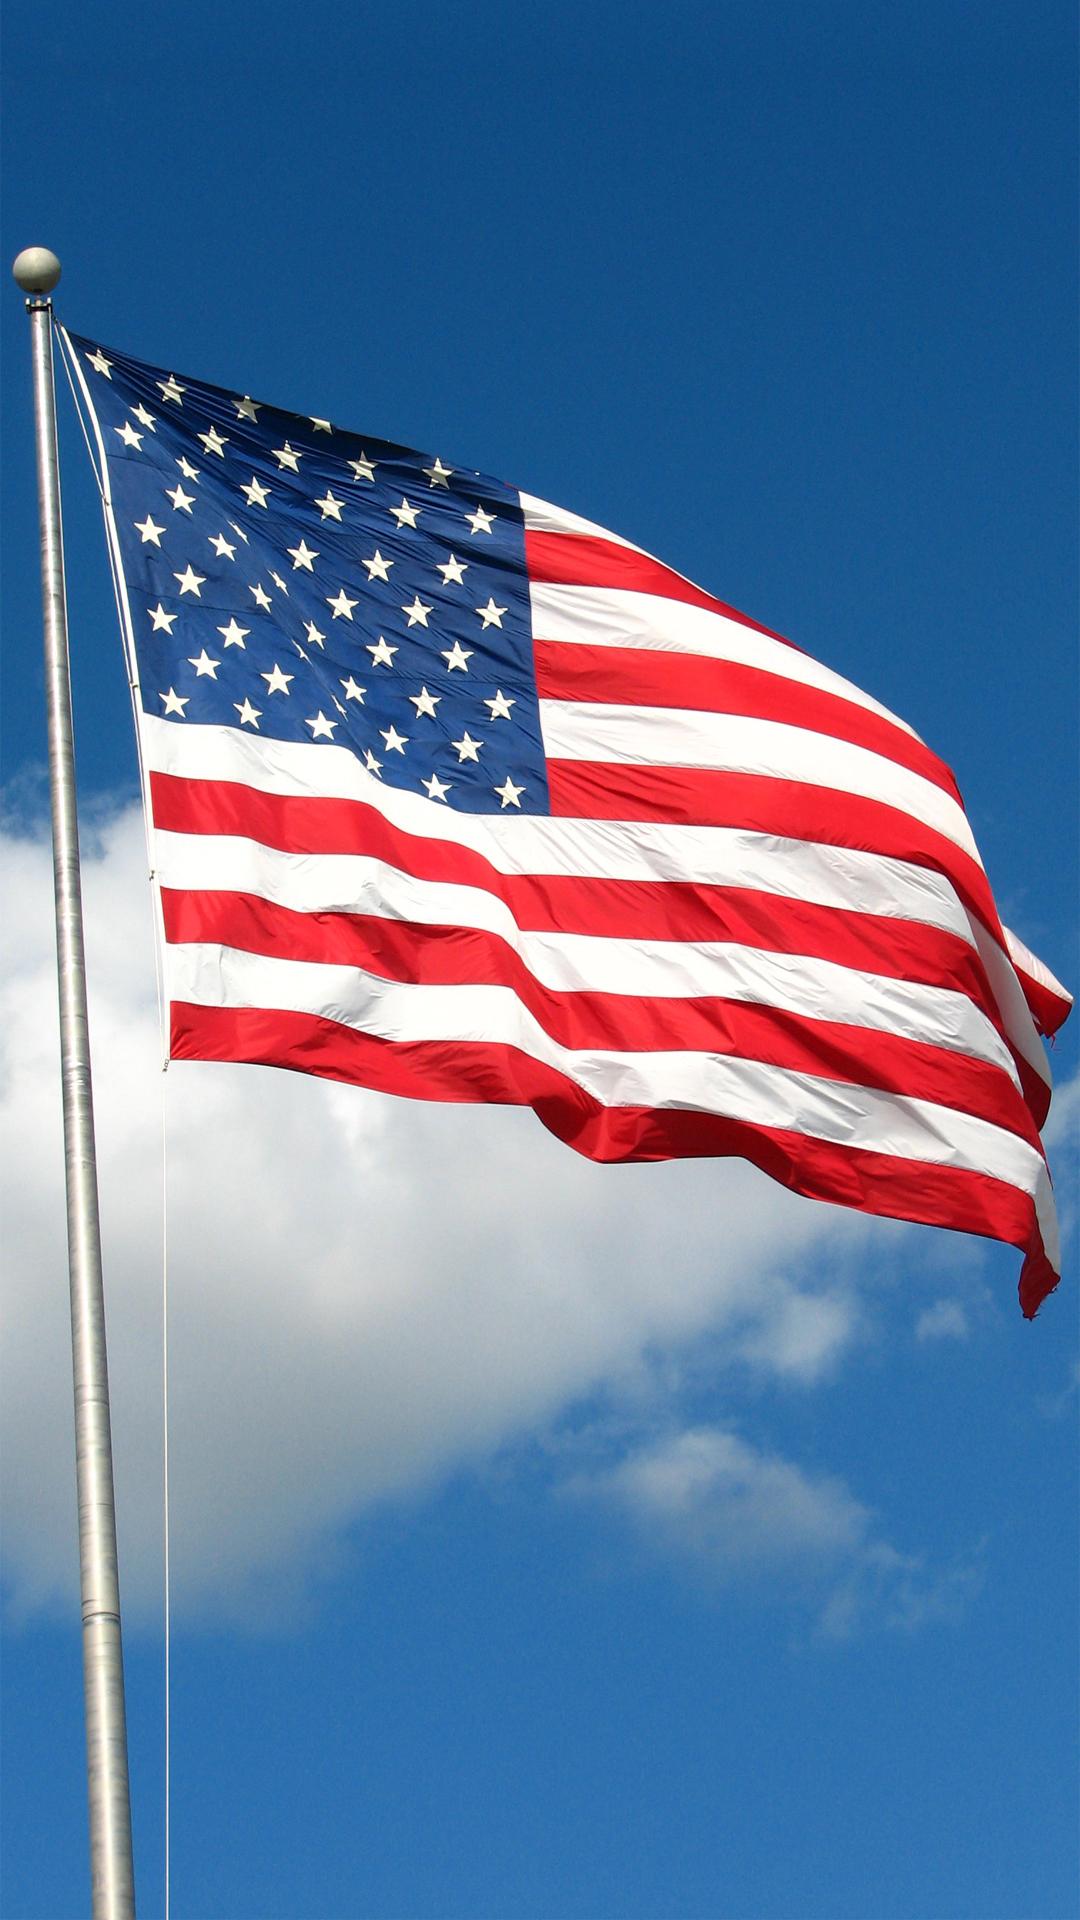 amerikanische Flagge kein Hintergrund   USA Wallpaper   21x21 ...